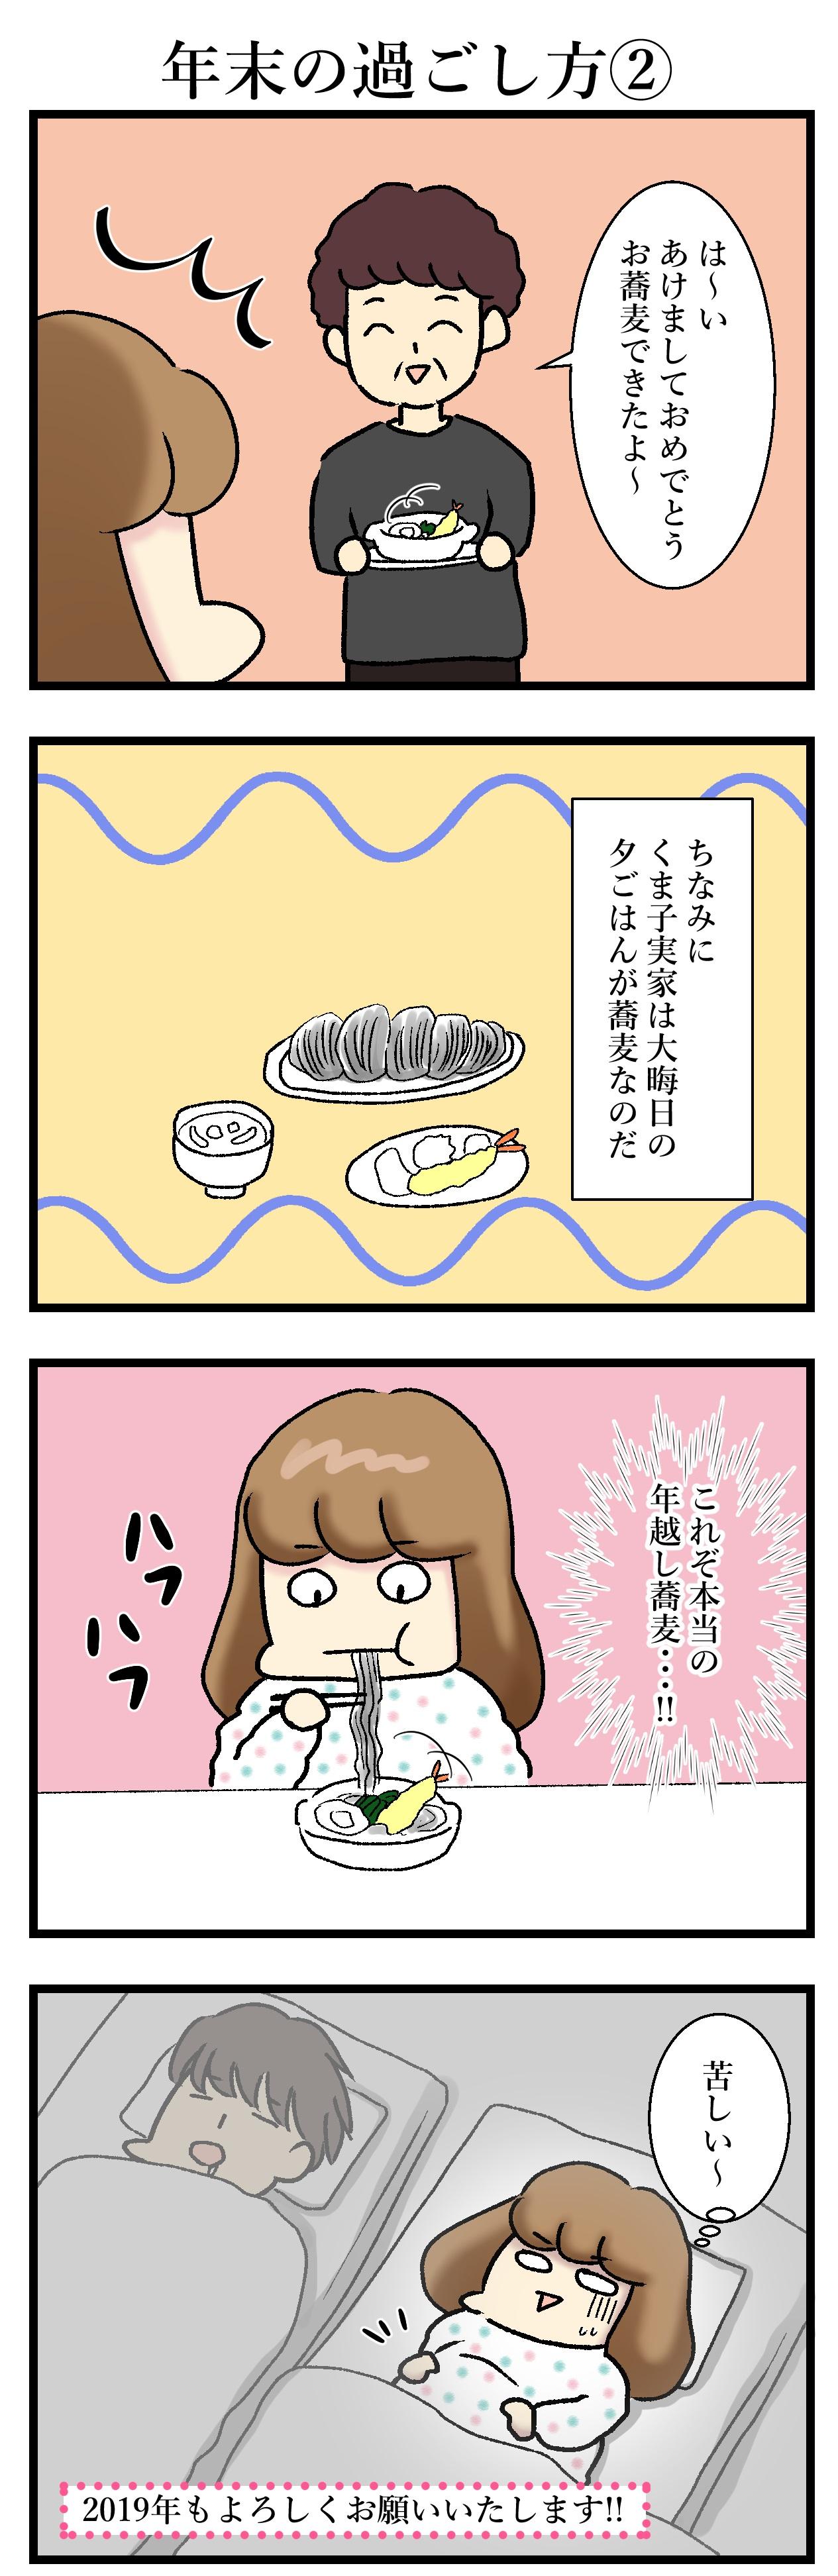 【エッセイ漫画】アラサー主婦くま子のふがいない日常(82)